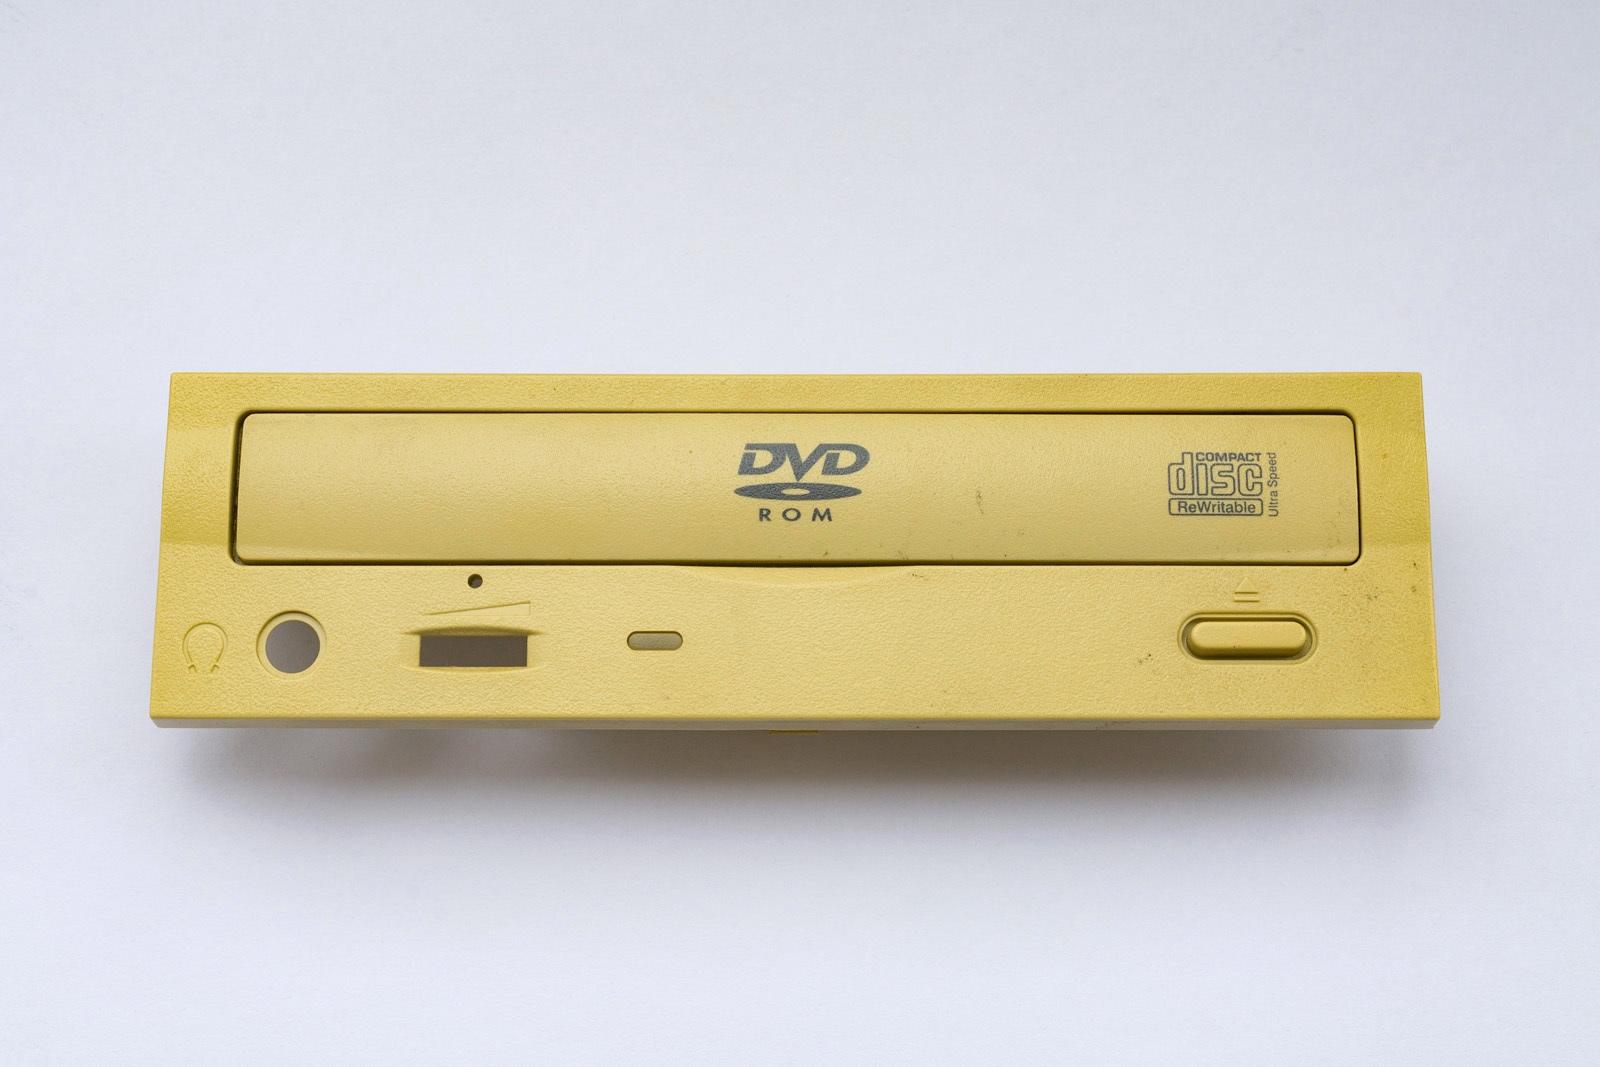 Купание жёлтого дисковода